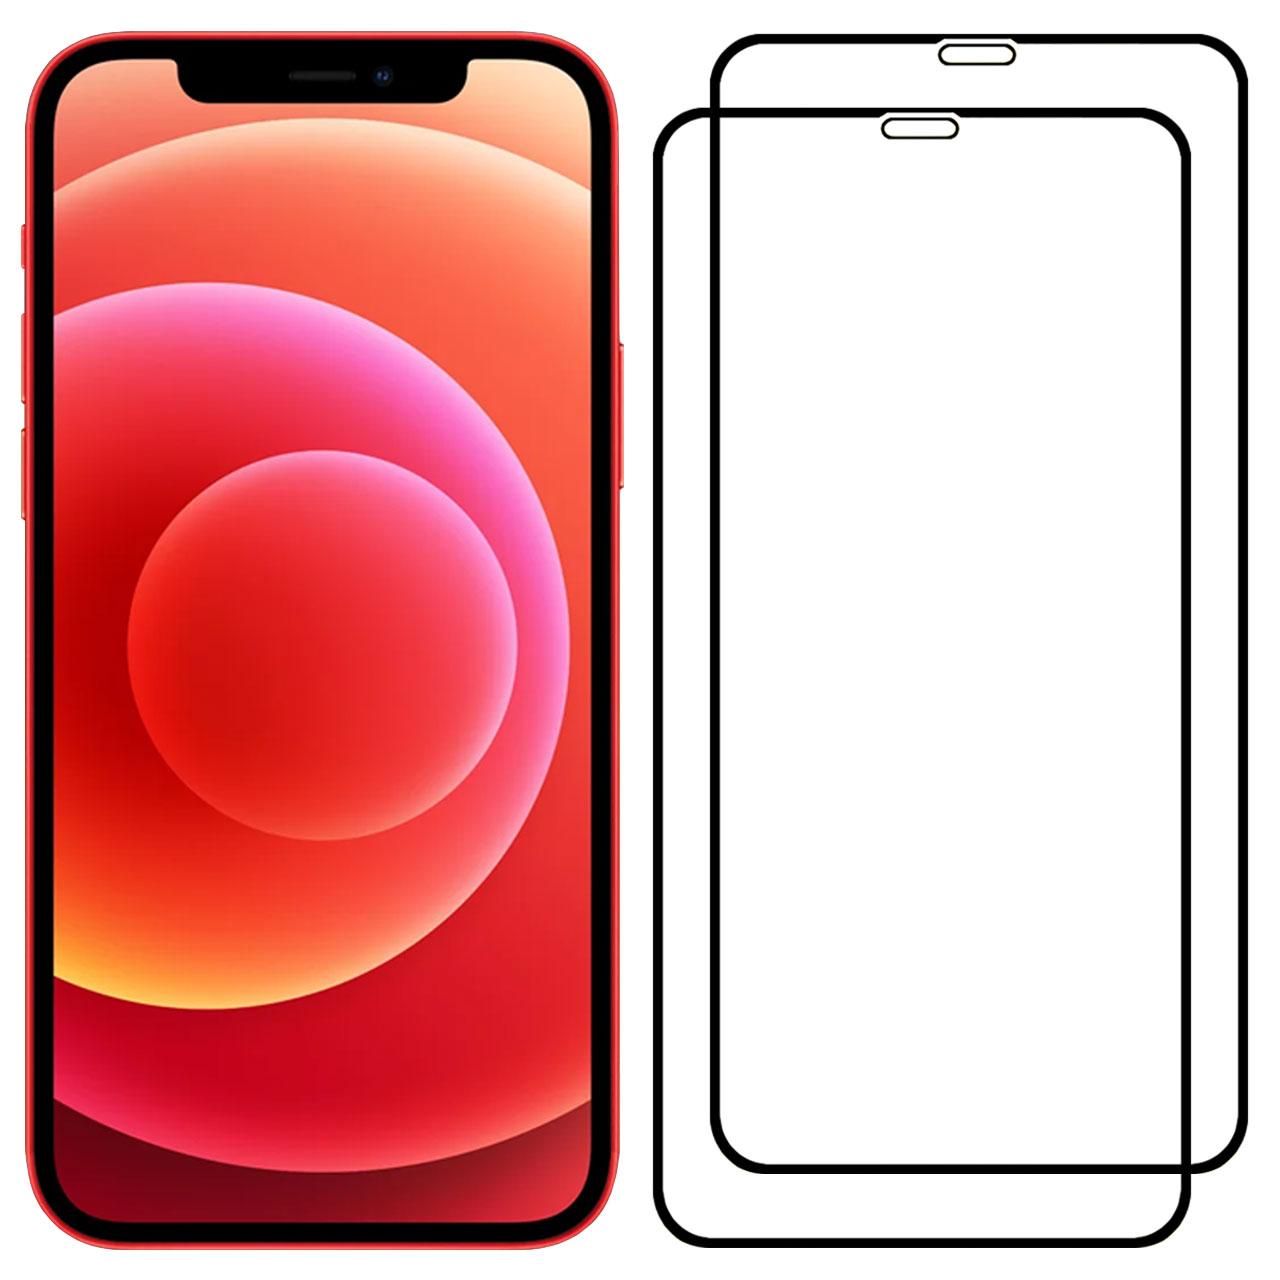 محافظ صفحه نمایش مدل FCG مناسب برای گوشی موبایل اپل iPhone 12 Pro بسته دو عددی